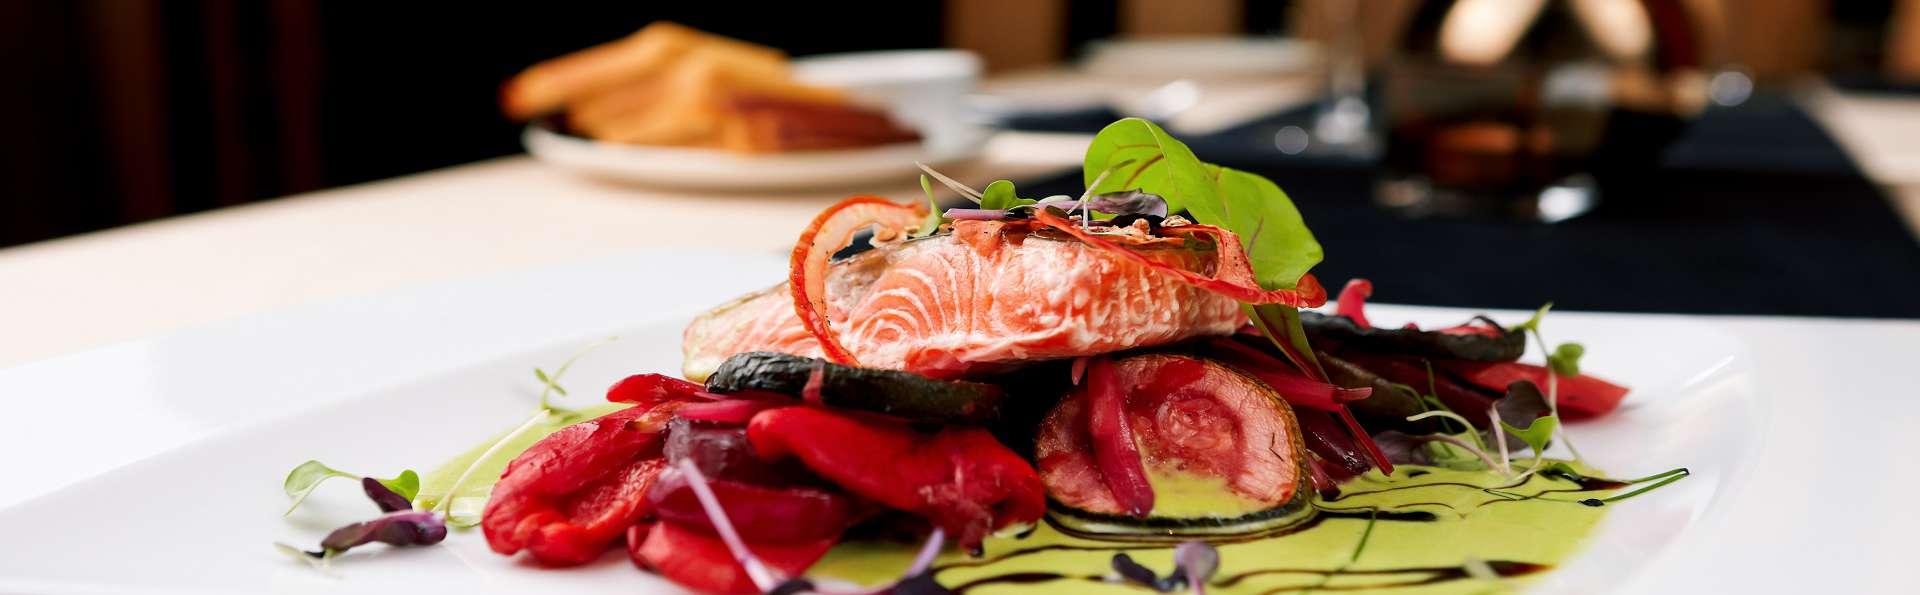 Offre 2 nuits minimum : Séjour gourmand proche de Paris